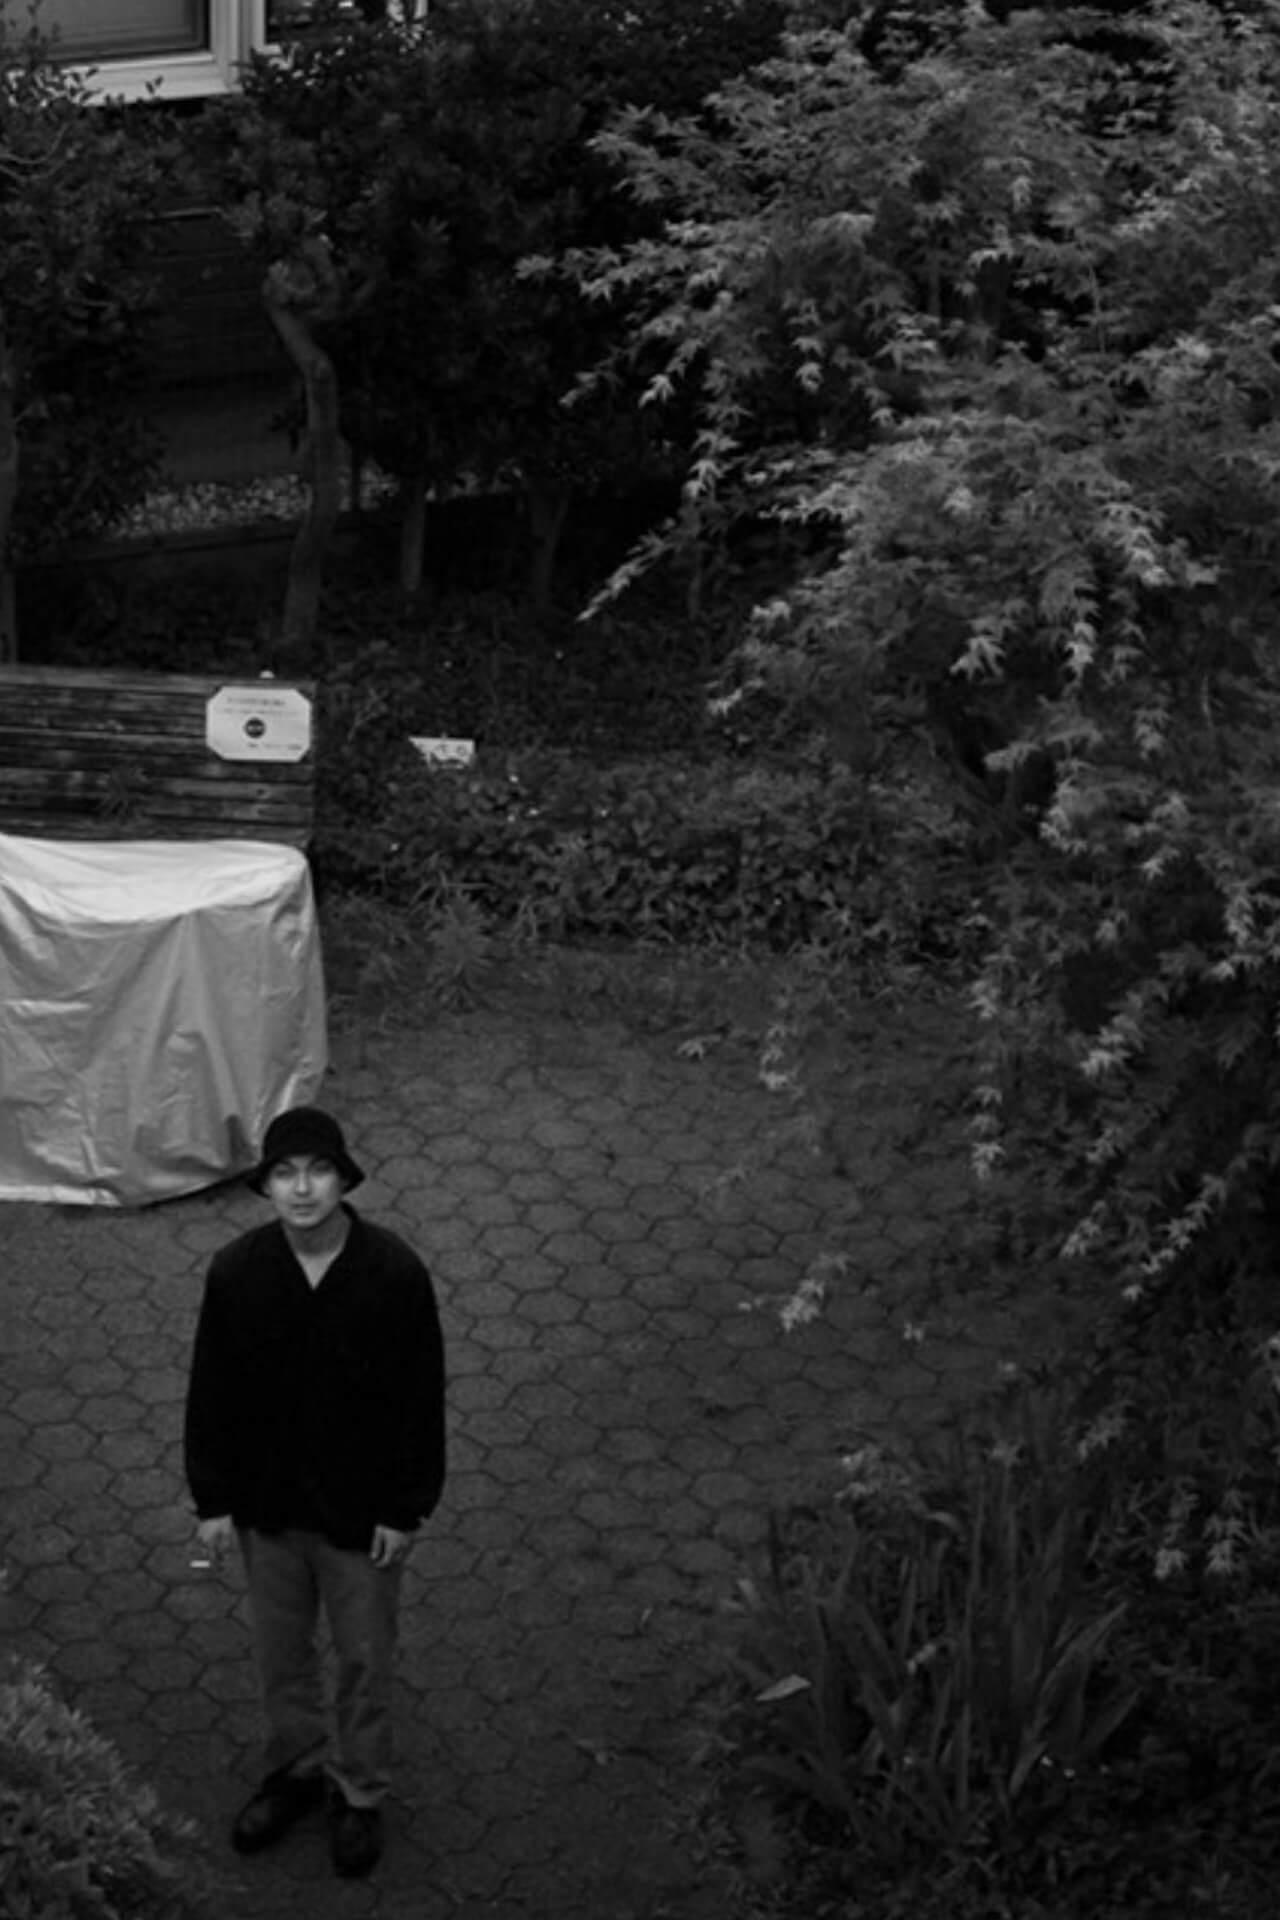 アーティストの視点から観るNetflixの映画・ドラマ・ドキュメンタリー|Vol.24 巽 啓伍(never young beach) - 『ハーフ・オブ・イット:面白いのはこれから』 ac200624_netflix_tatsumikengo_01